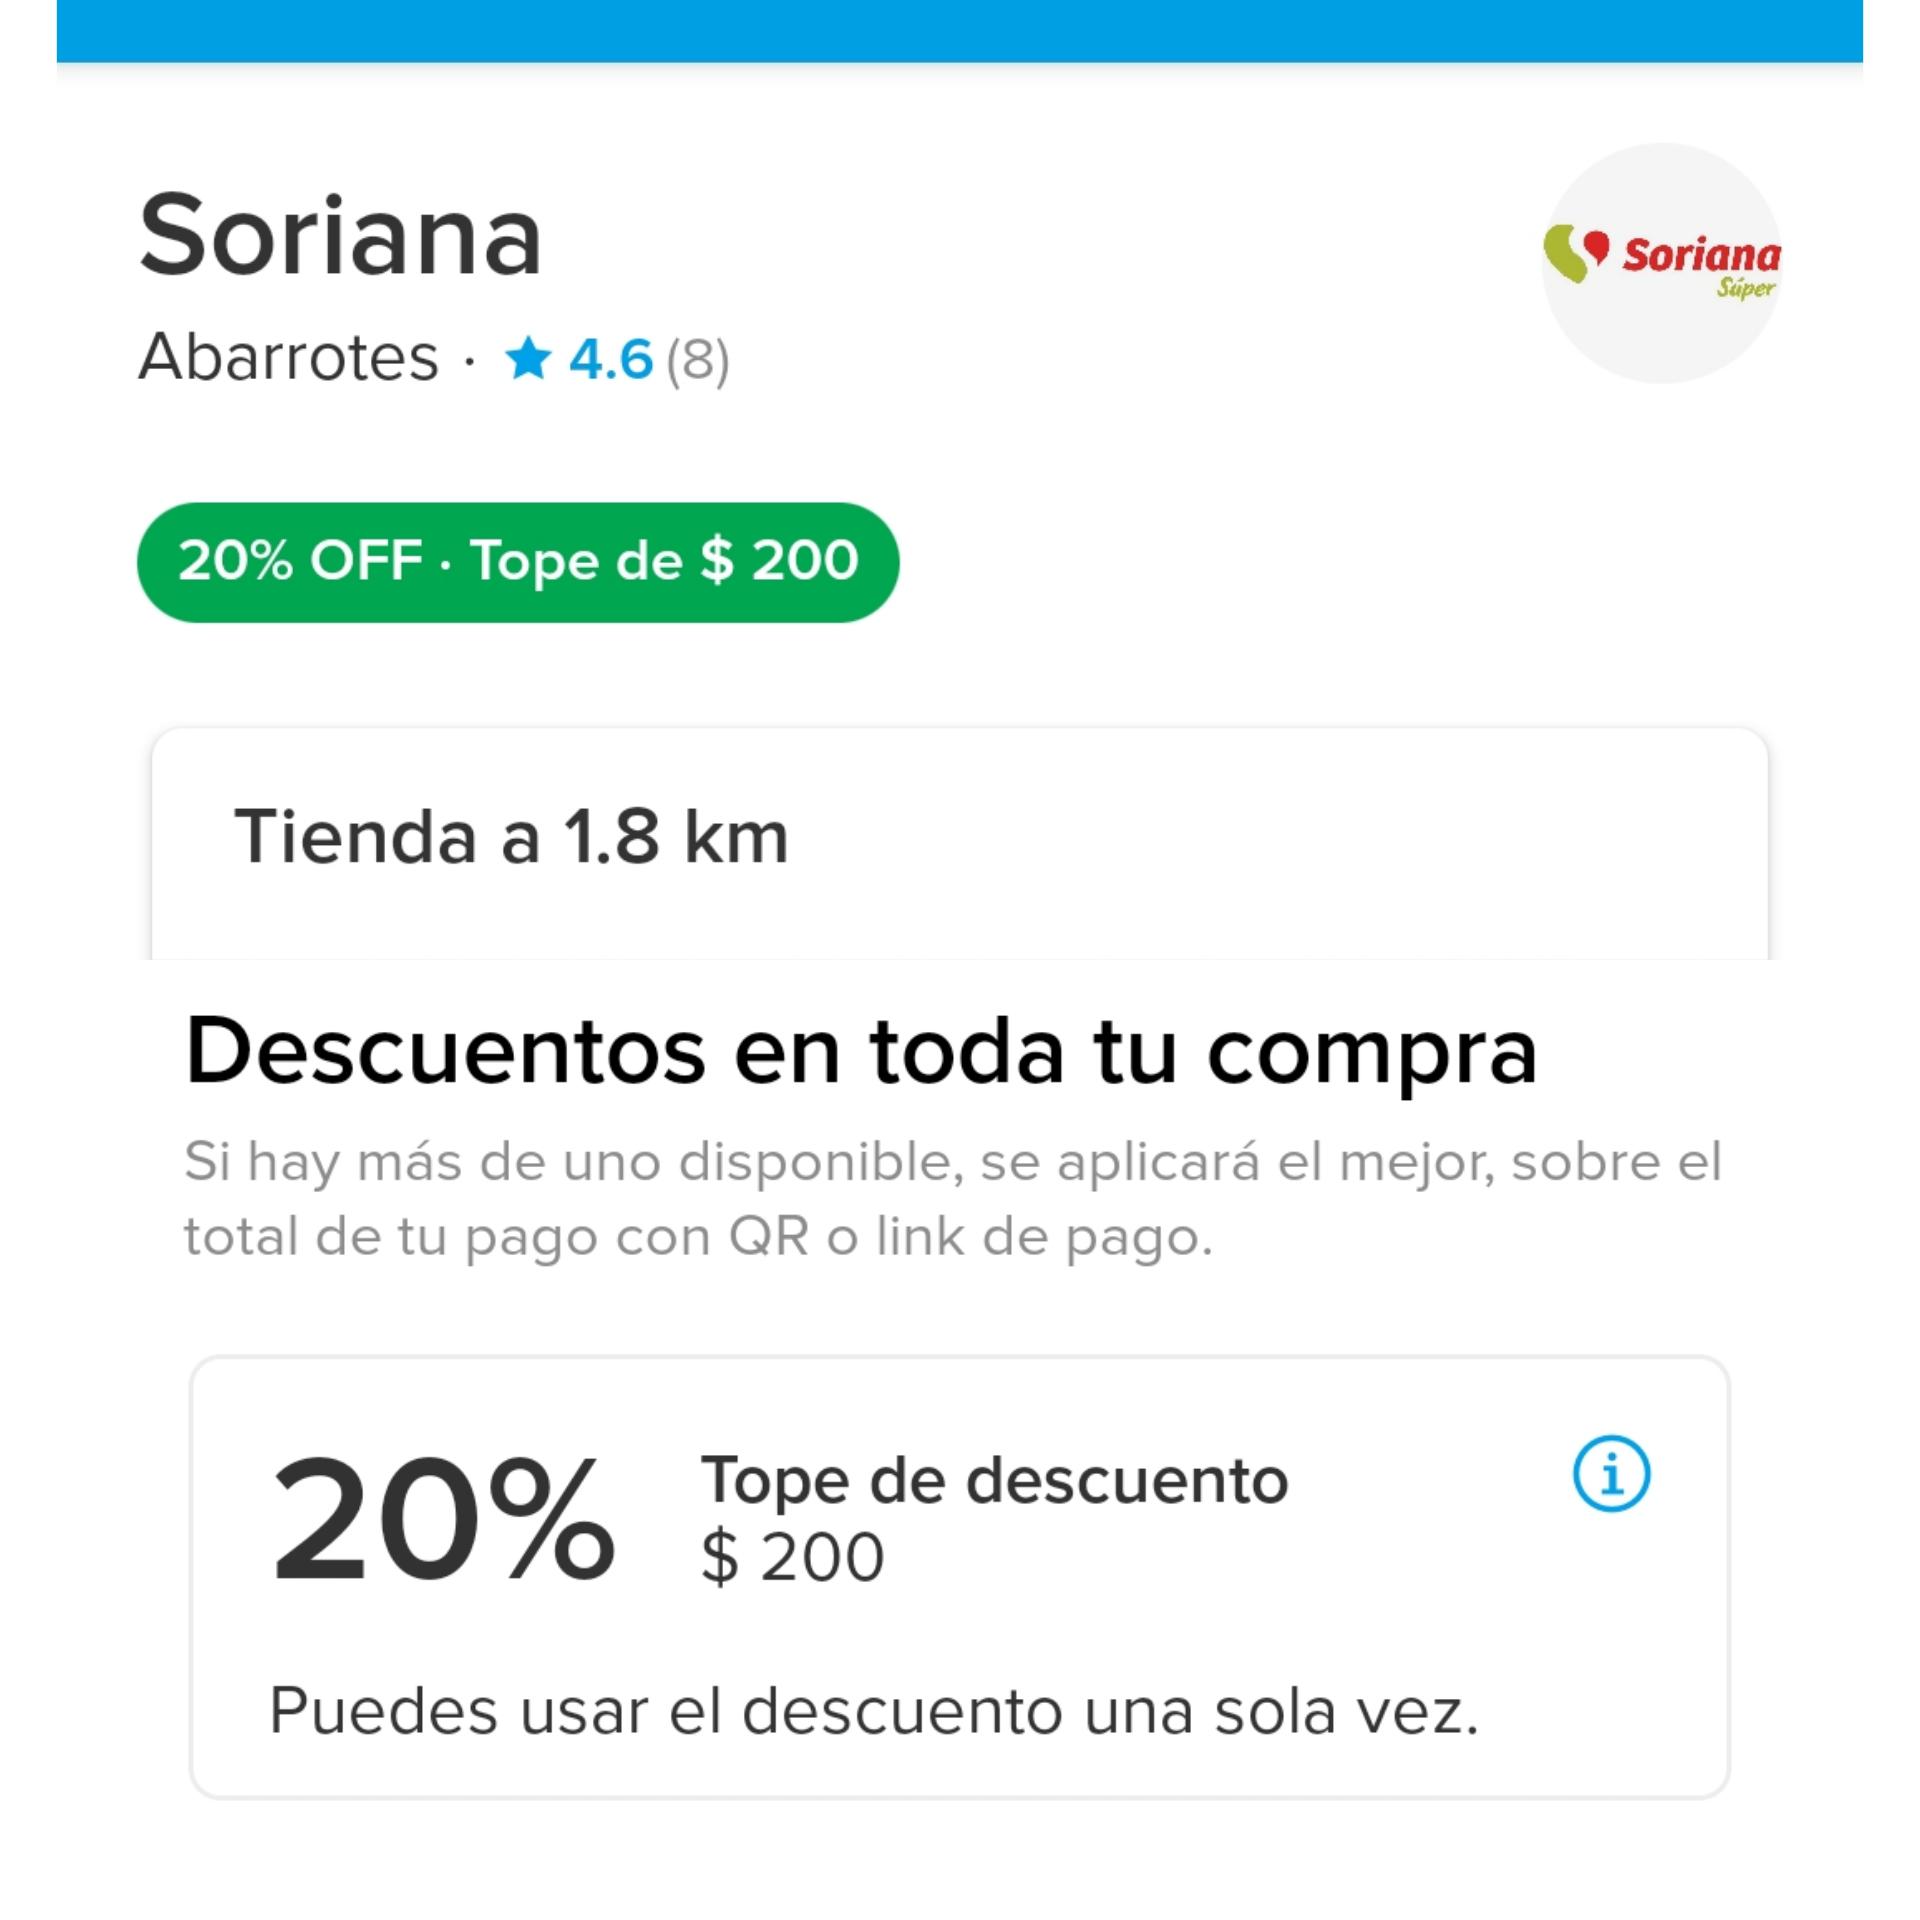 Mercado Pago: Descuento de 20% con tope de $400 pagando con QR en Soriana